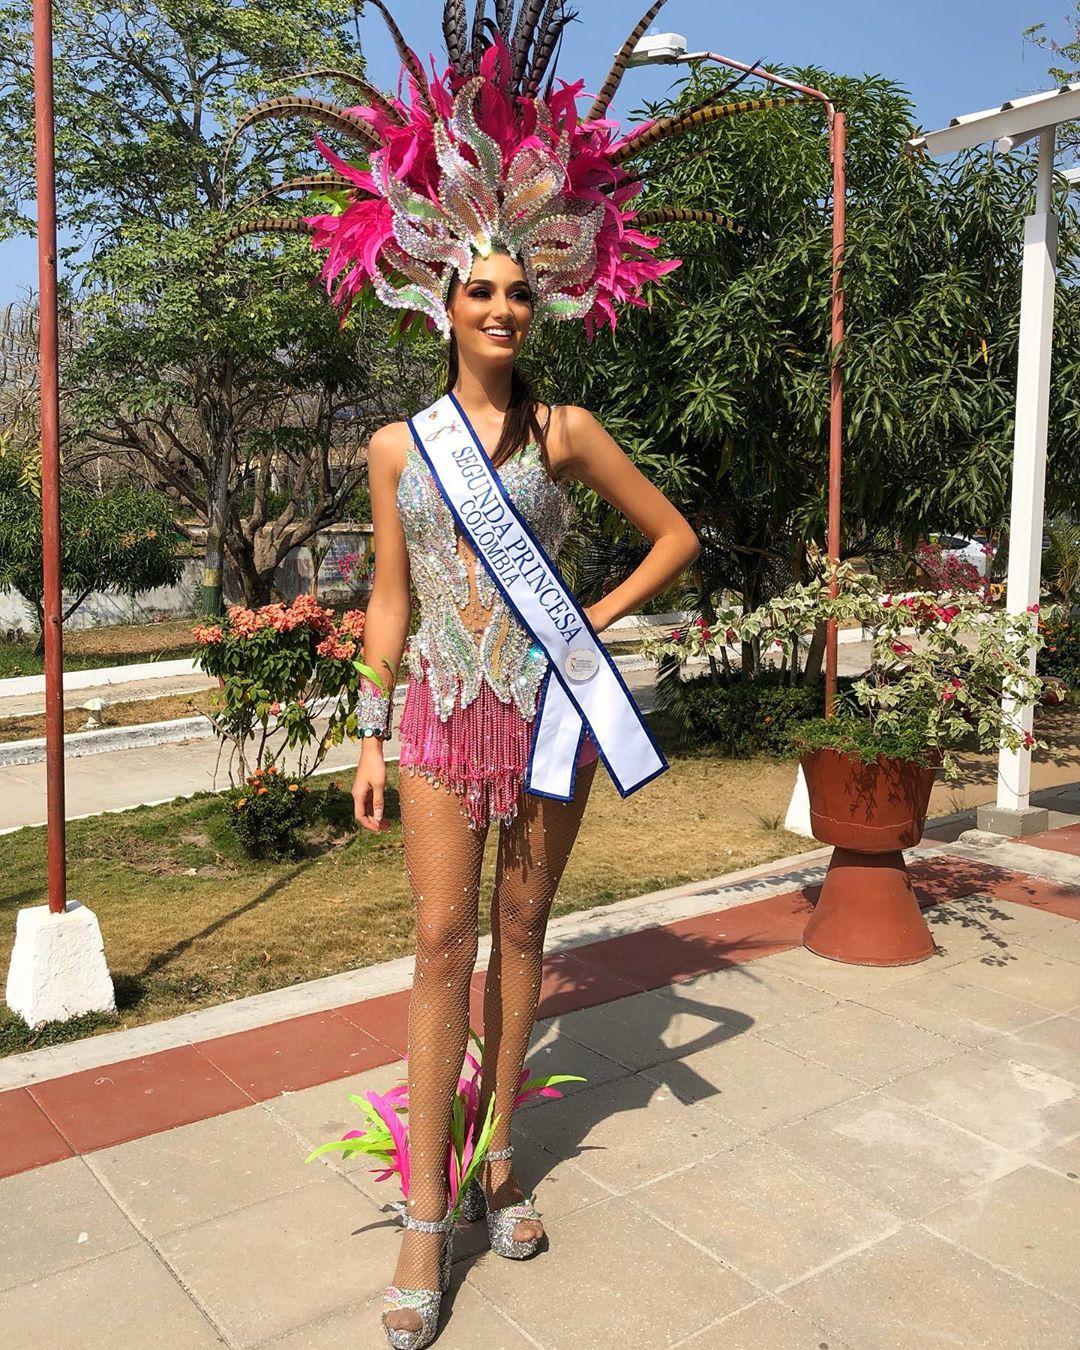 mariana jaramillo, miss charm colombia 2020. - Página 2 87398611